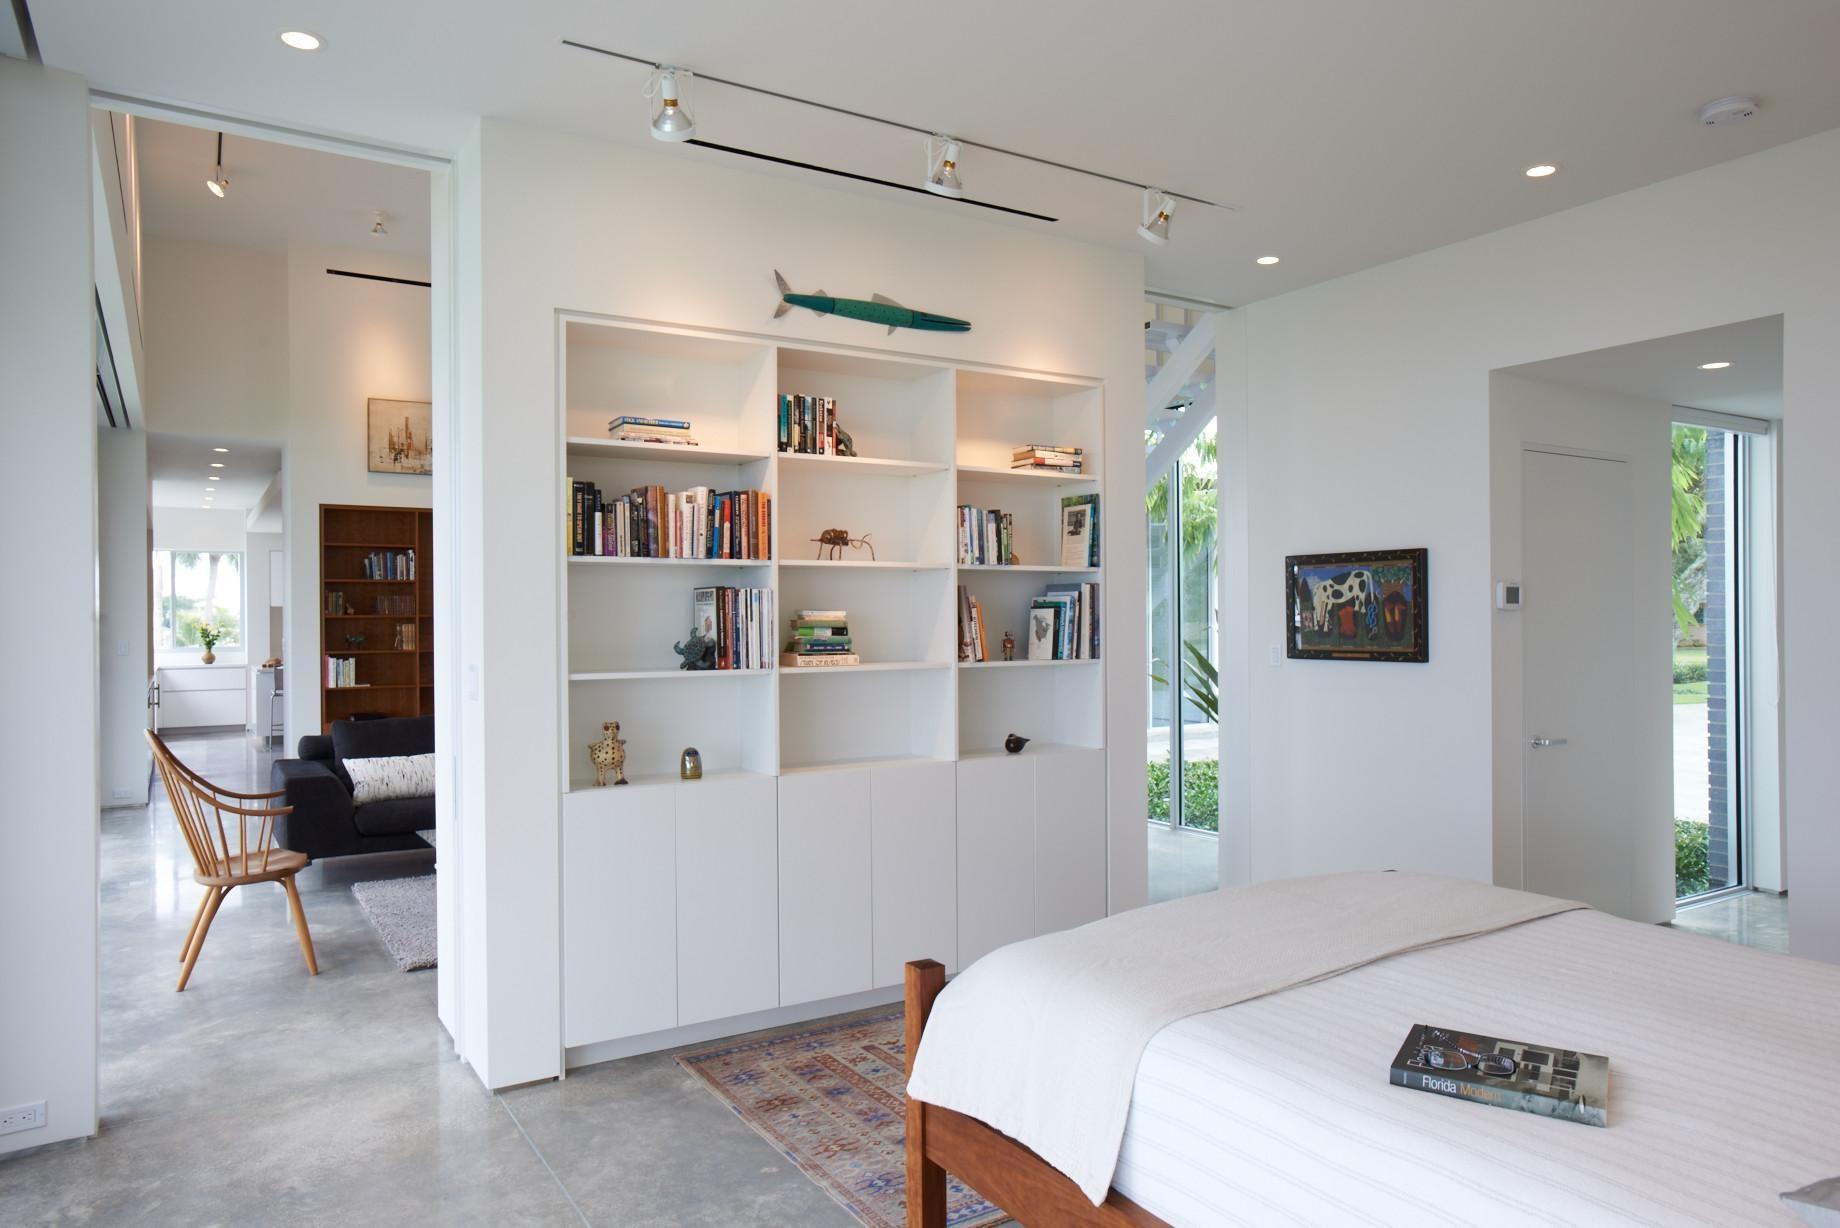 13 Desain Sekat Rumah Yang Modern Dan Kreatif Untuk Hunian Idaman